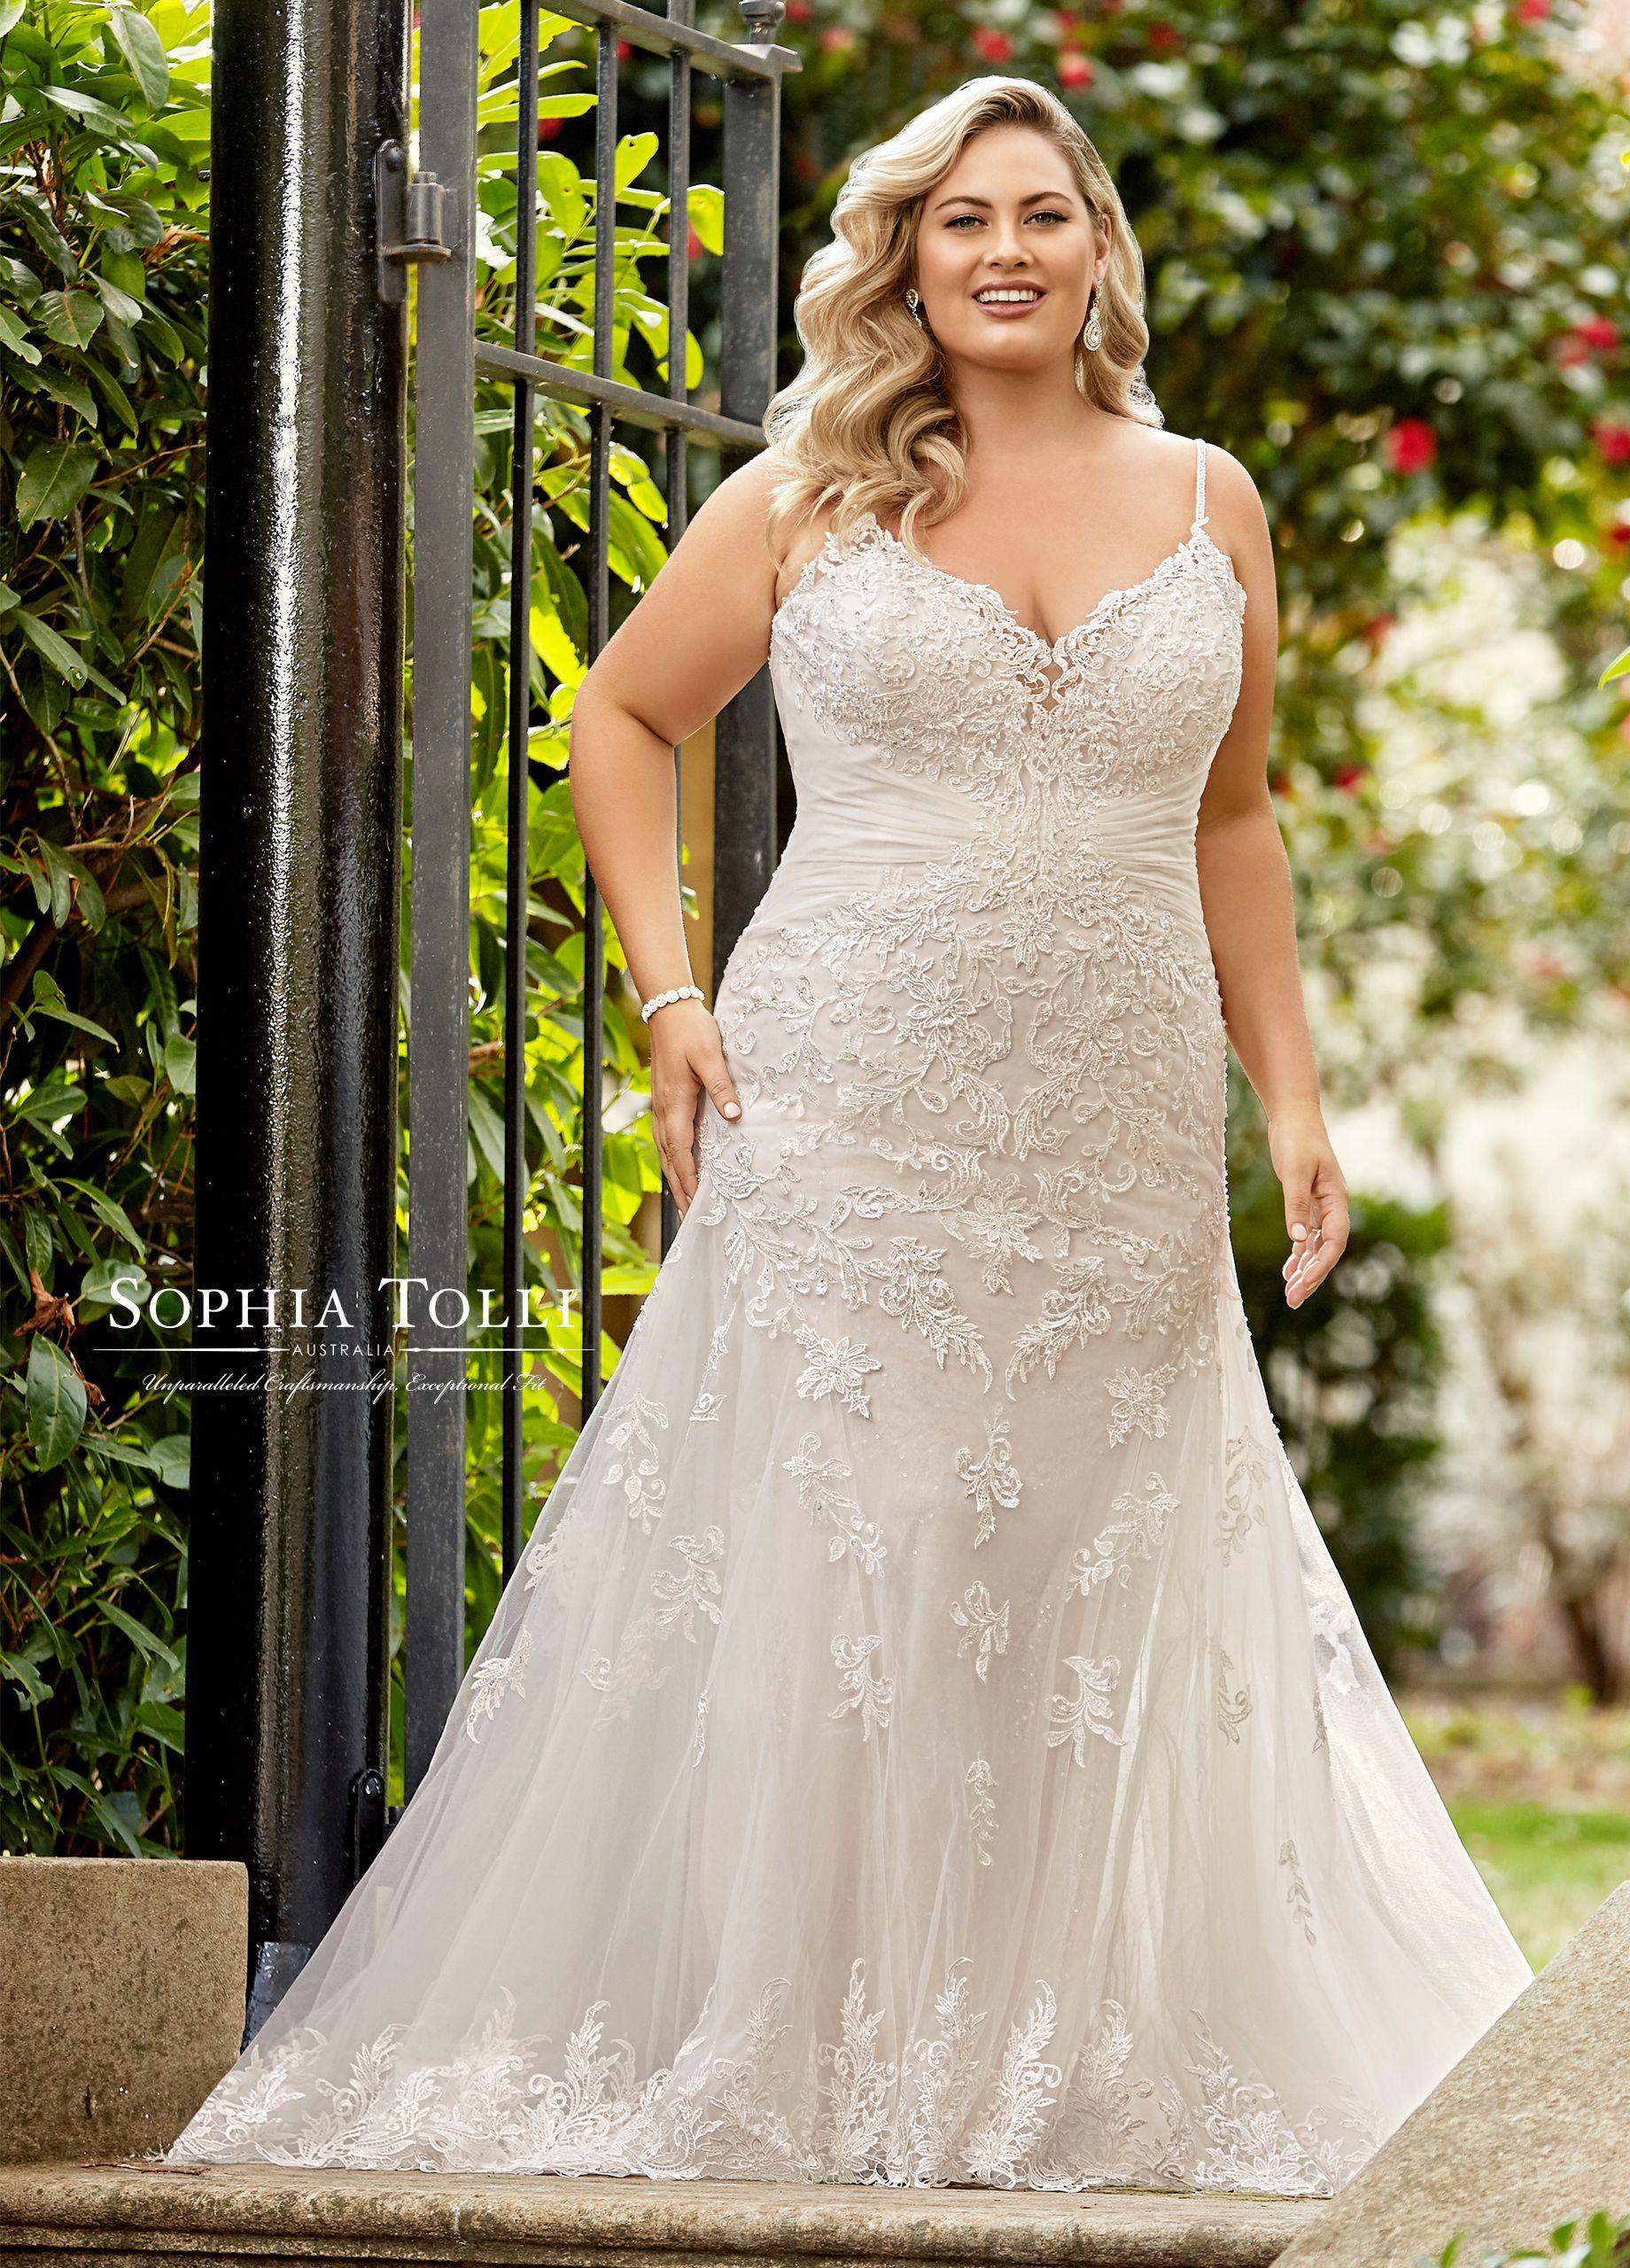 Sophia Tolli Esmerelda Sophia Tolli Sophia Tolli Wedding Dresses Wedding Dresses Wedding Dress Train [ 2560 x 1840 Pixel ]